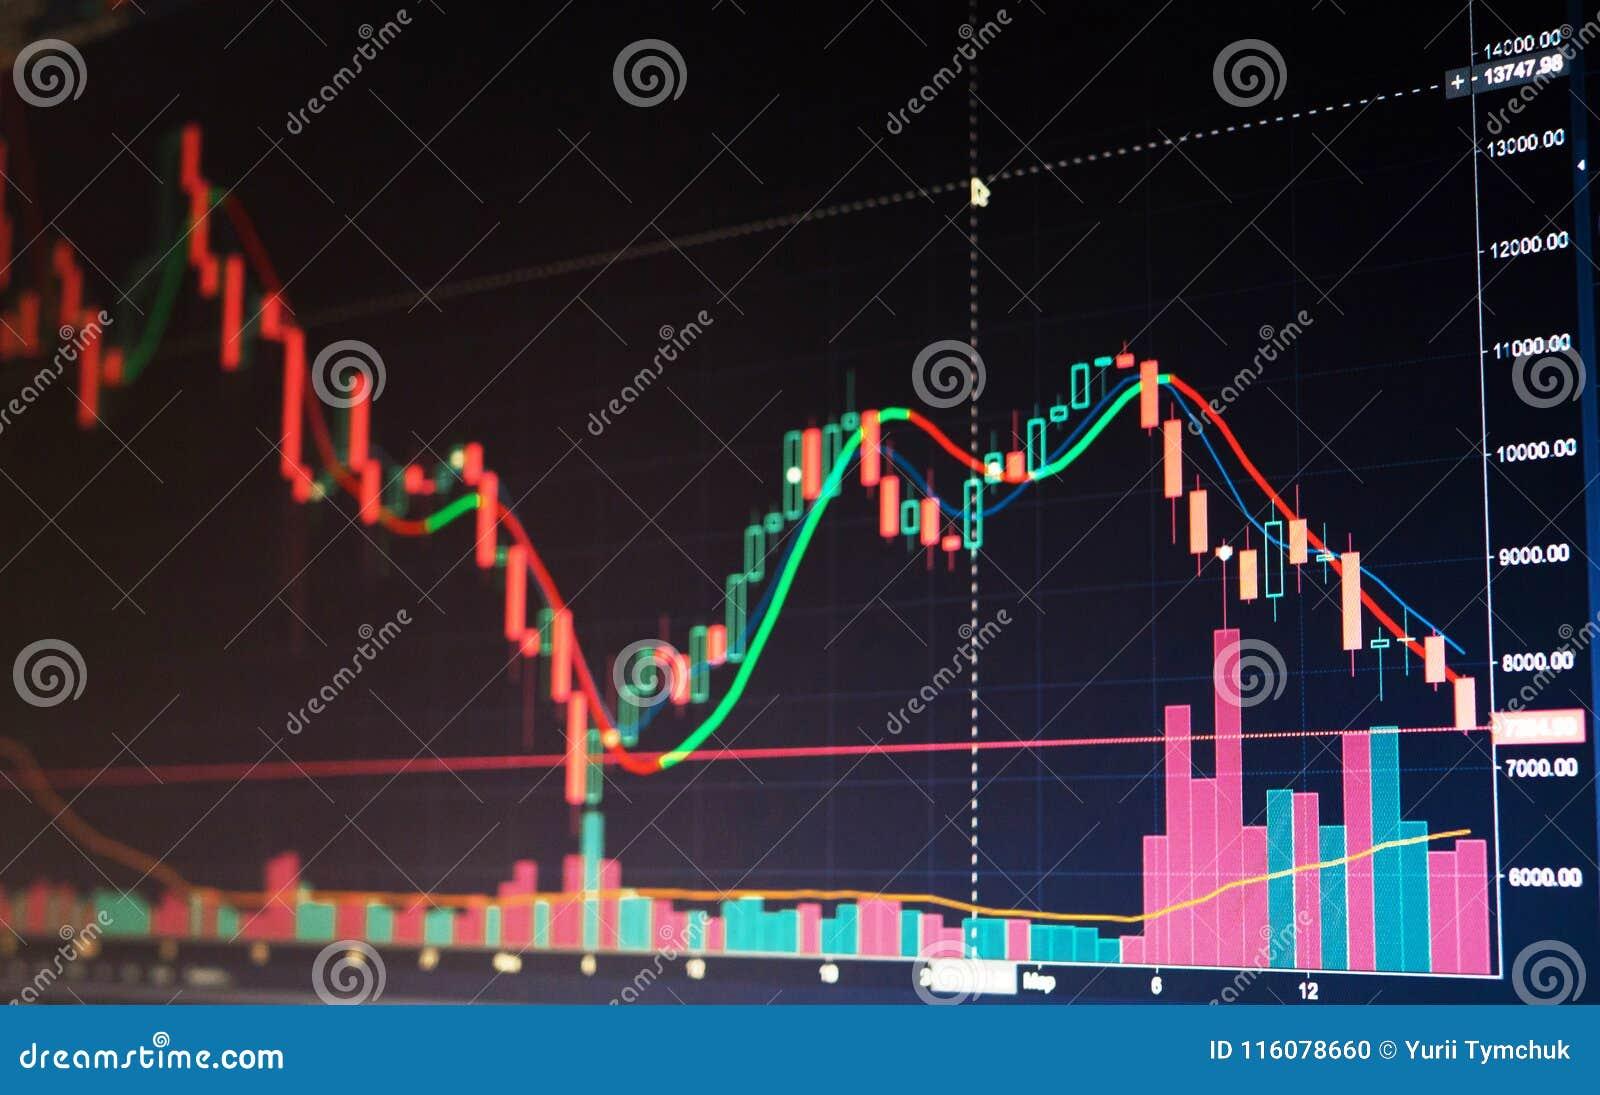 World economics graph. Conceptual view of exchange market